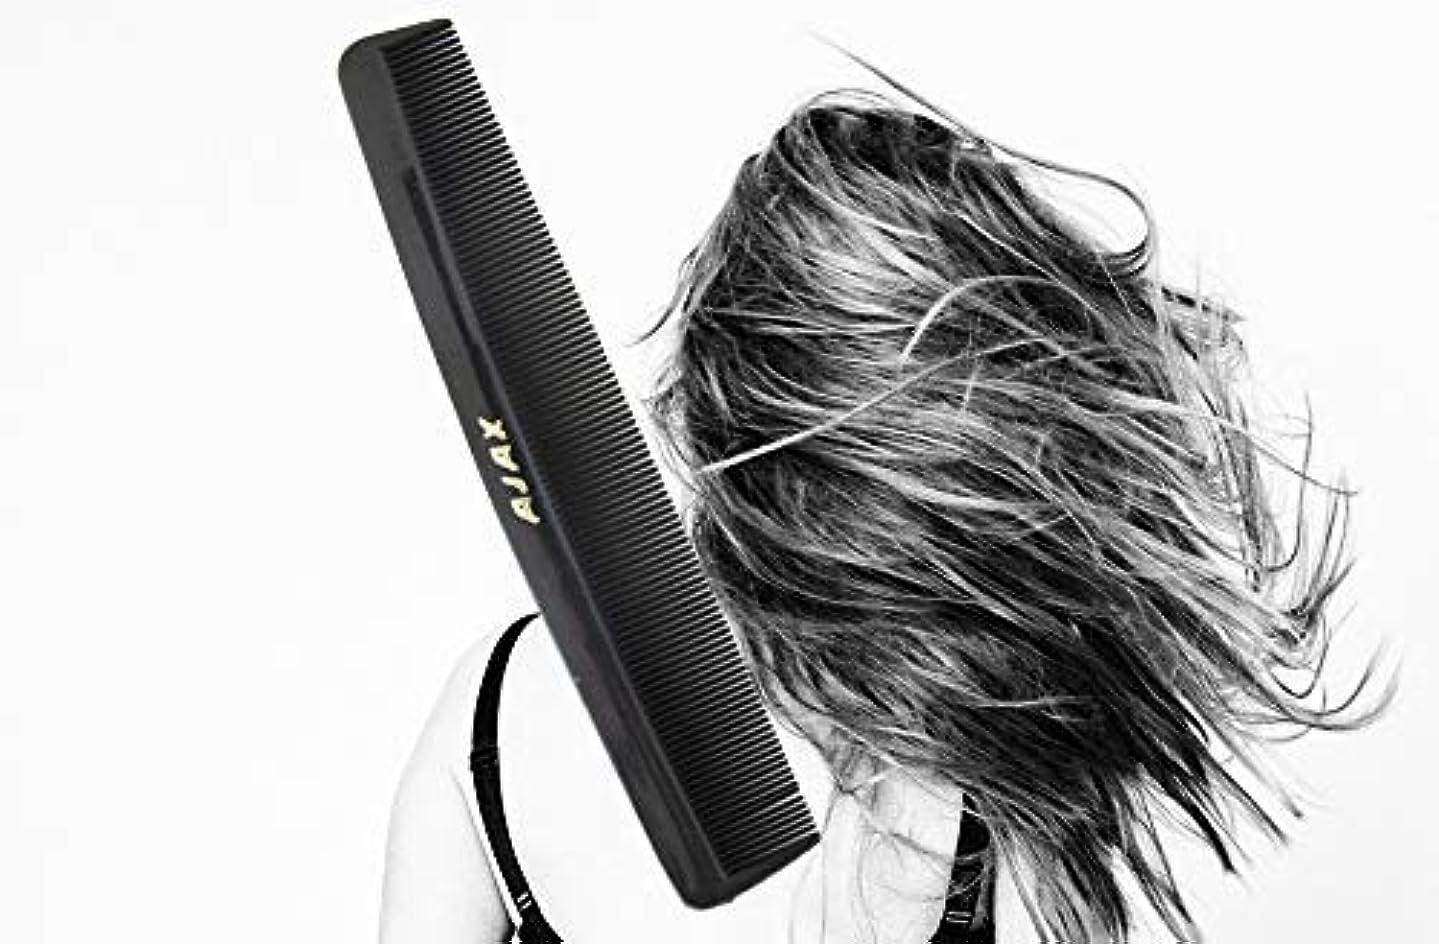 関連付けるホバートしなやかなAjax Unbreakable Hair Combs Super Flexible Pocket Sized - Proudly Made in the USA (Pack of 6) [並行輸入品]